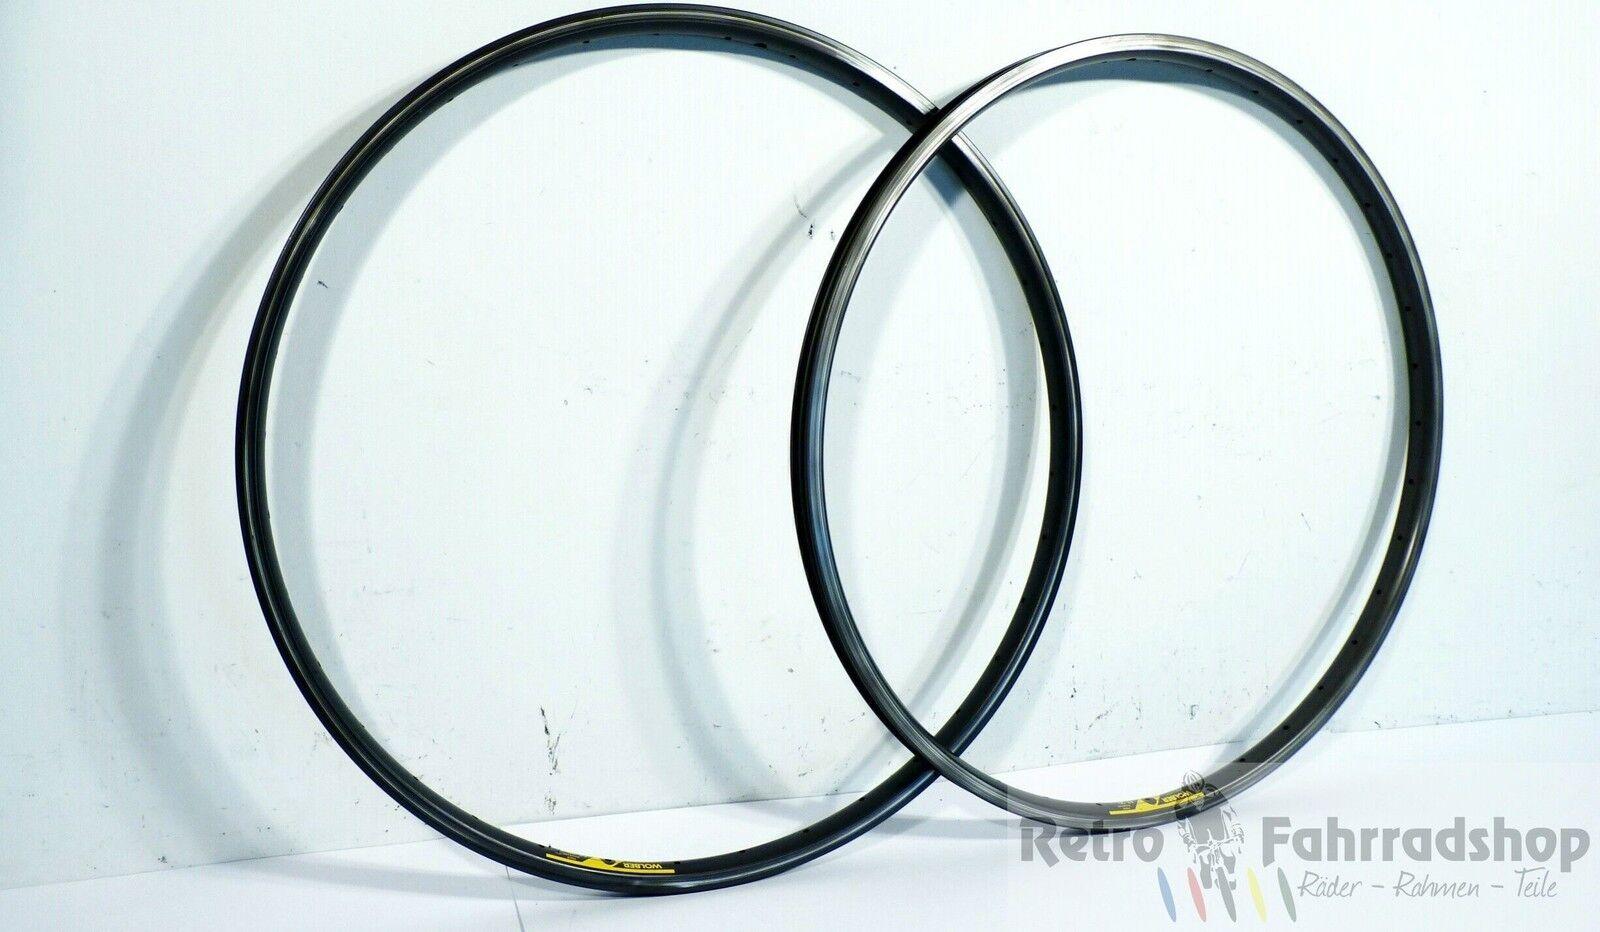 2stk. Wolber at20  MTB 36 agujeros llantas año de fabricación 1990 91 500 530 g rar top Vintage  tiempo libre